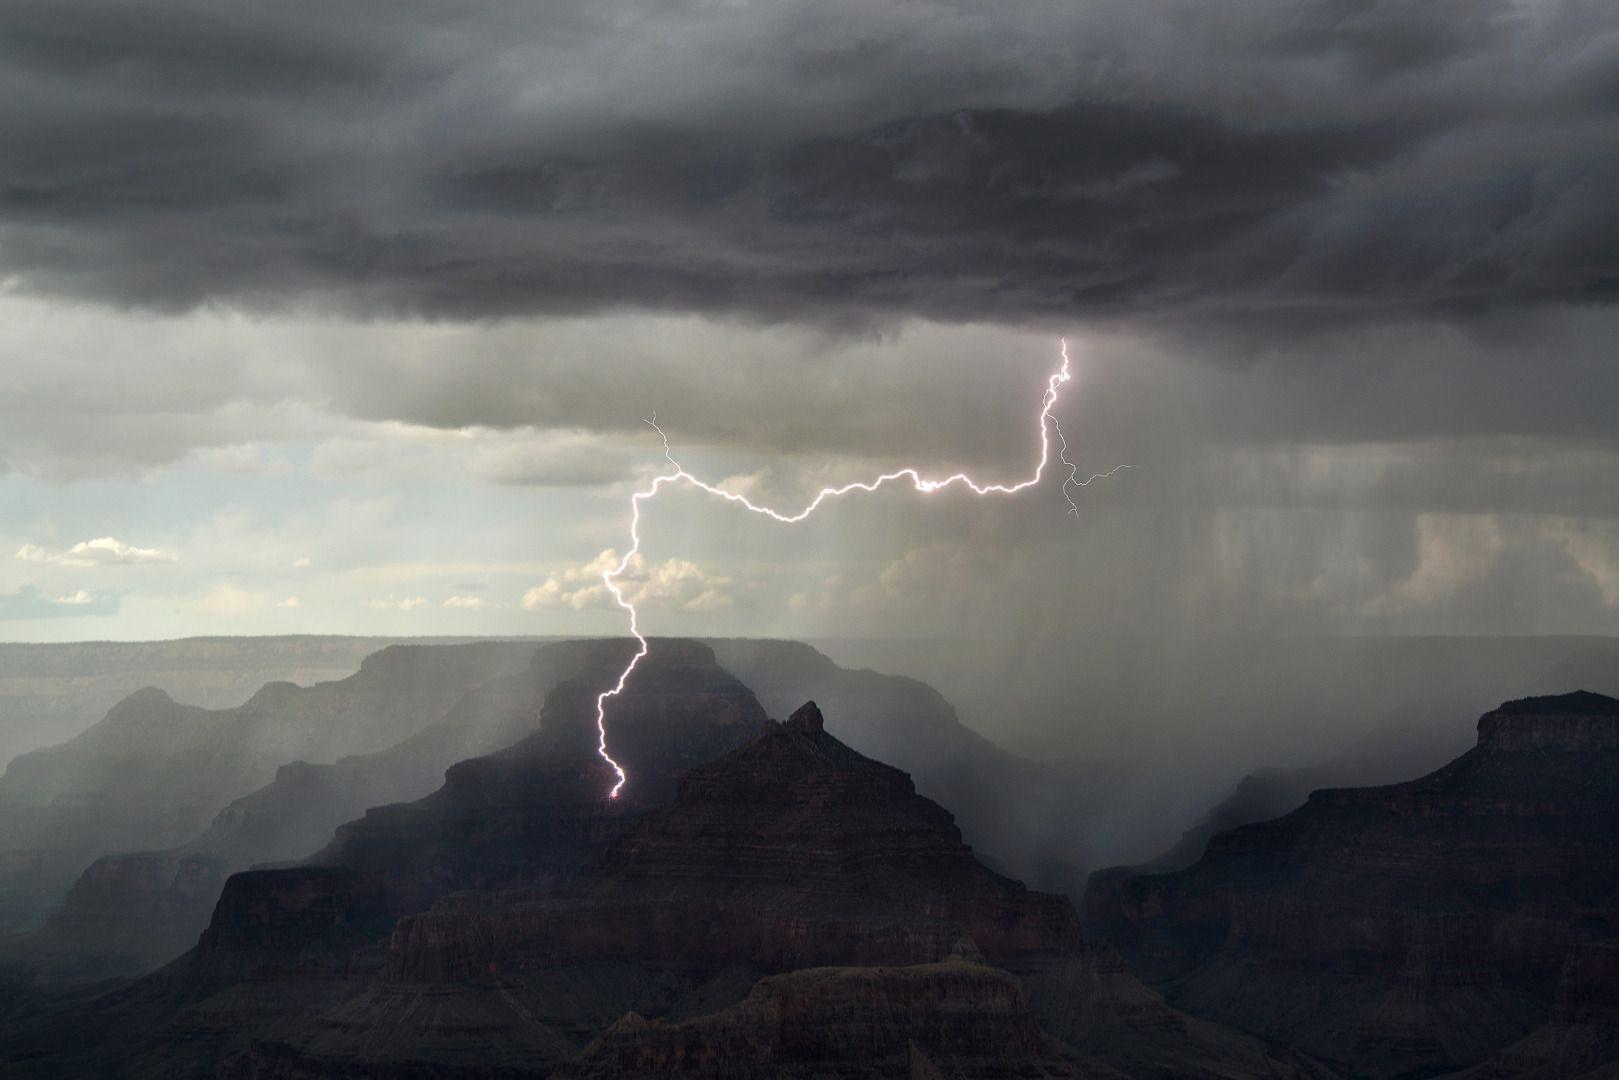 Удачный выстрел, © Кевин Юберг, Фотоконкурс «Погодный фотограф года» — Weather Photographer of the Year